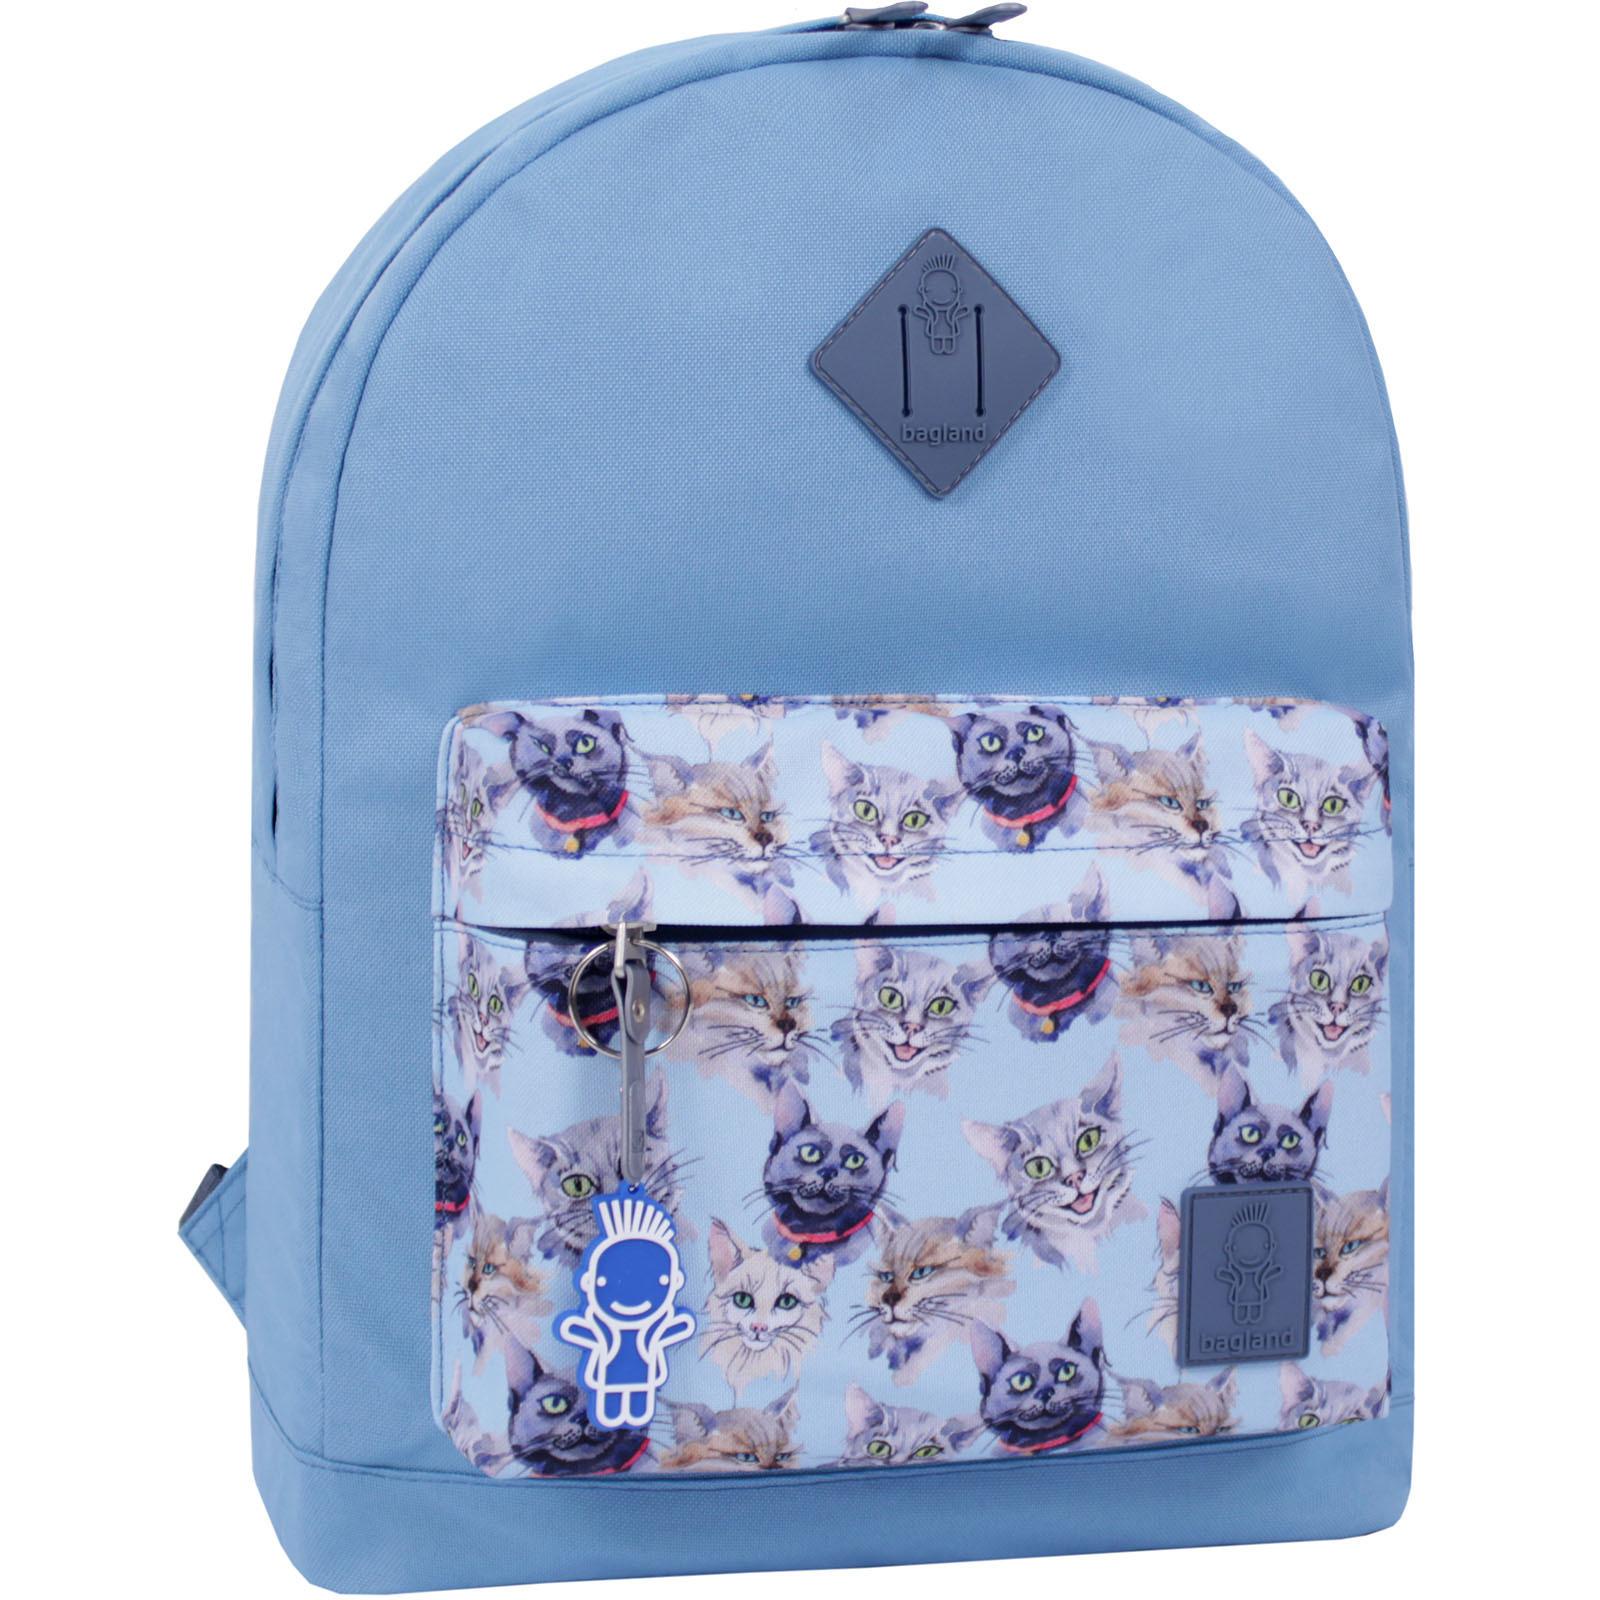 Модные рюкзаки Рюкзак Bagland Молодежный W/R 17 л. голубой 148 (00533662) IMG_6422_суб.148_.JPG